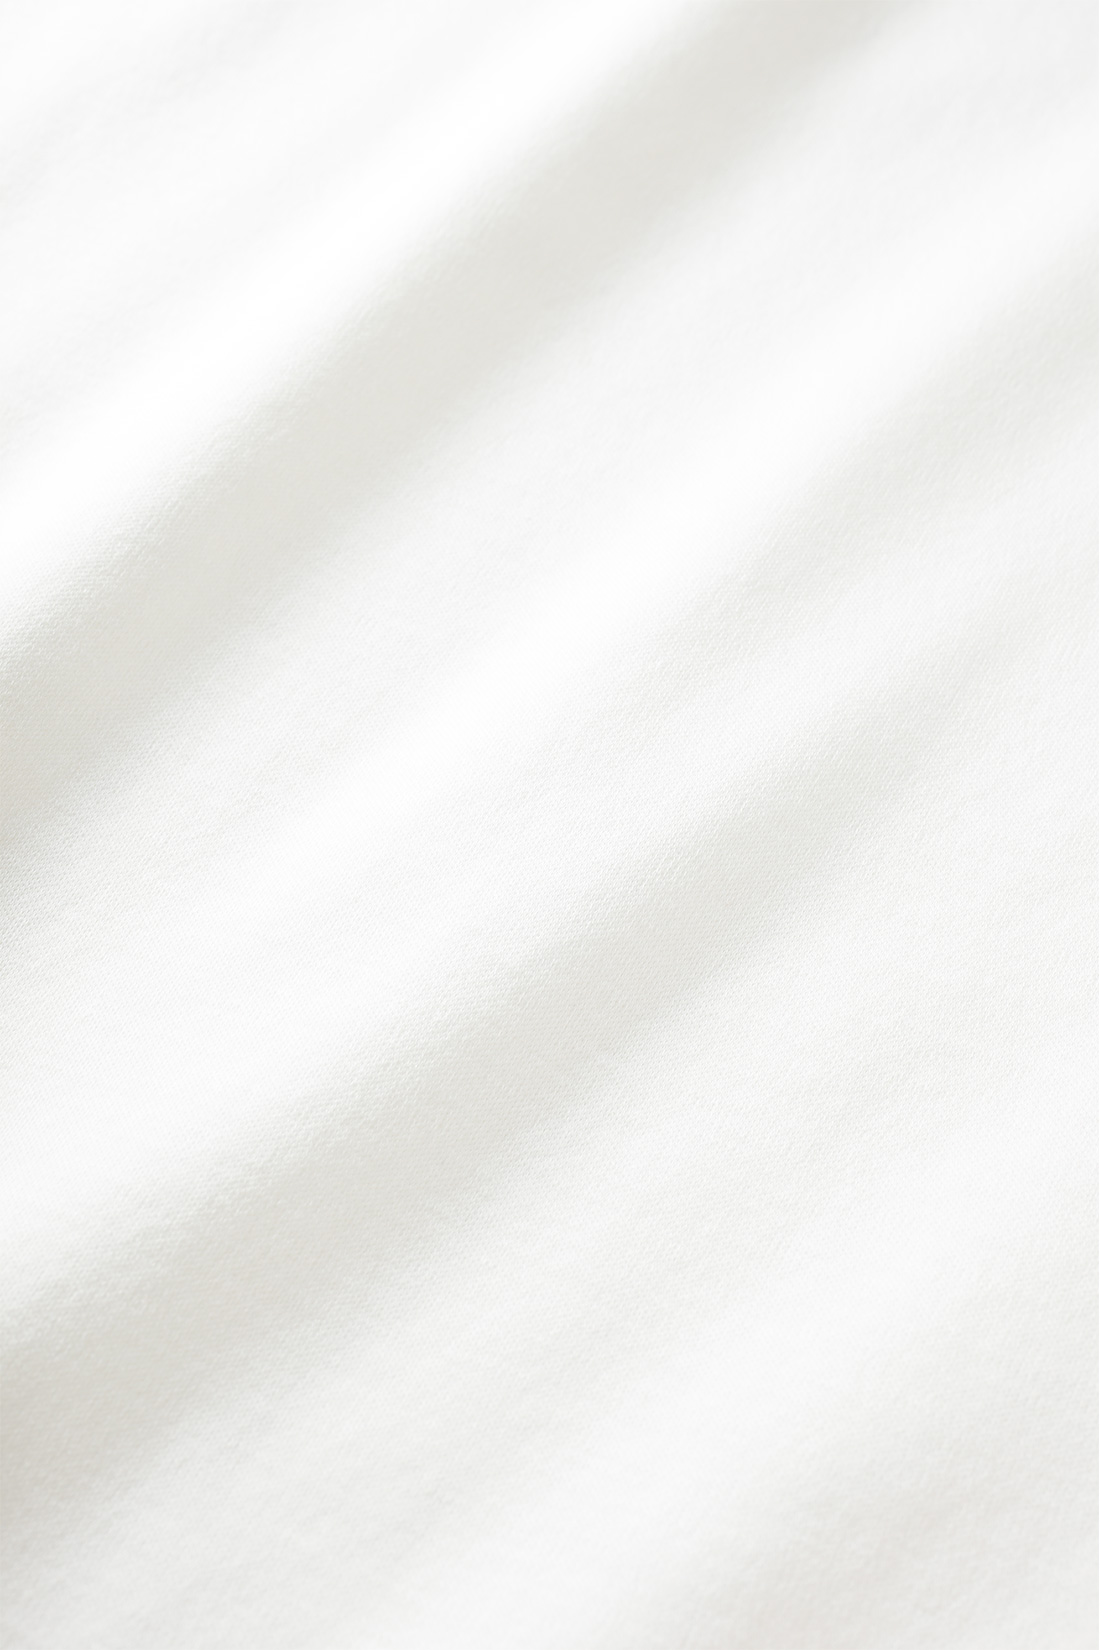 まるでシルクのような素材感 肌に当たる部分には、シルケット加工をほどこしたスムースカットソー素材を用いました。表面の毛羽をおさえることで、滑らかな肌ざわりで着心地よく、光沢もあるので見た目にも高級感があります。